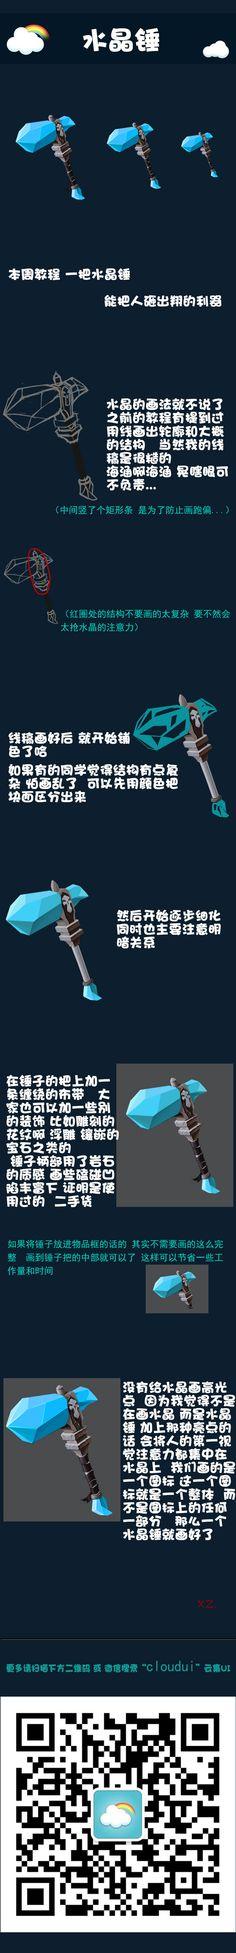 游戏ui教程图标水晶锤 交流QQ群 10...